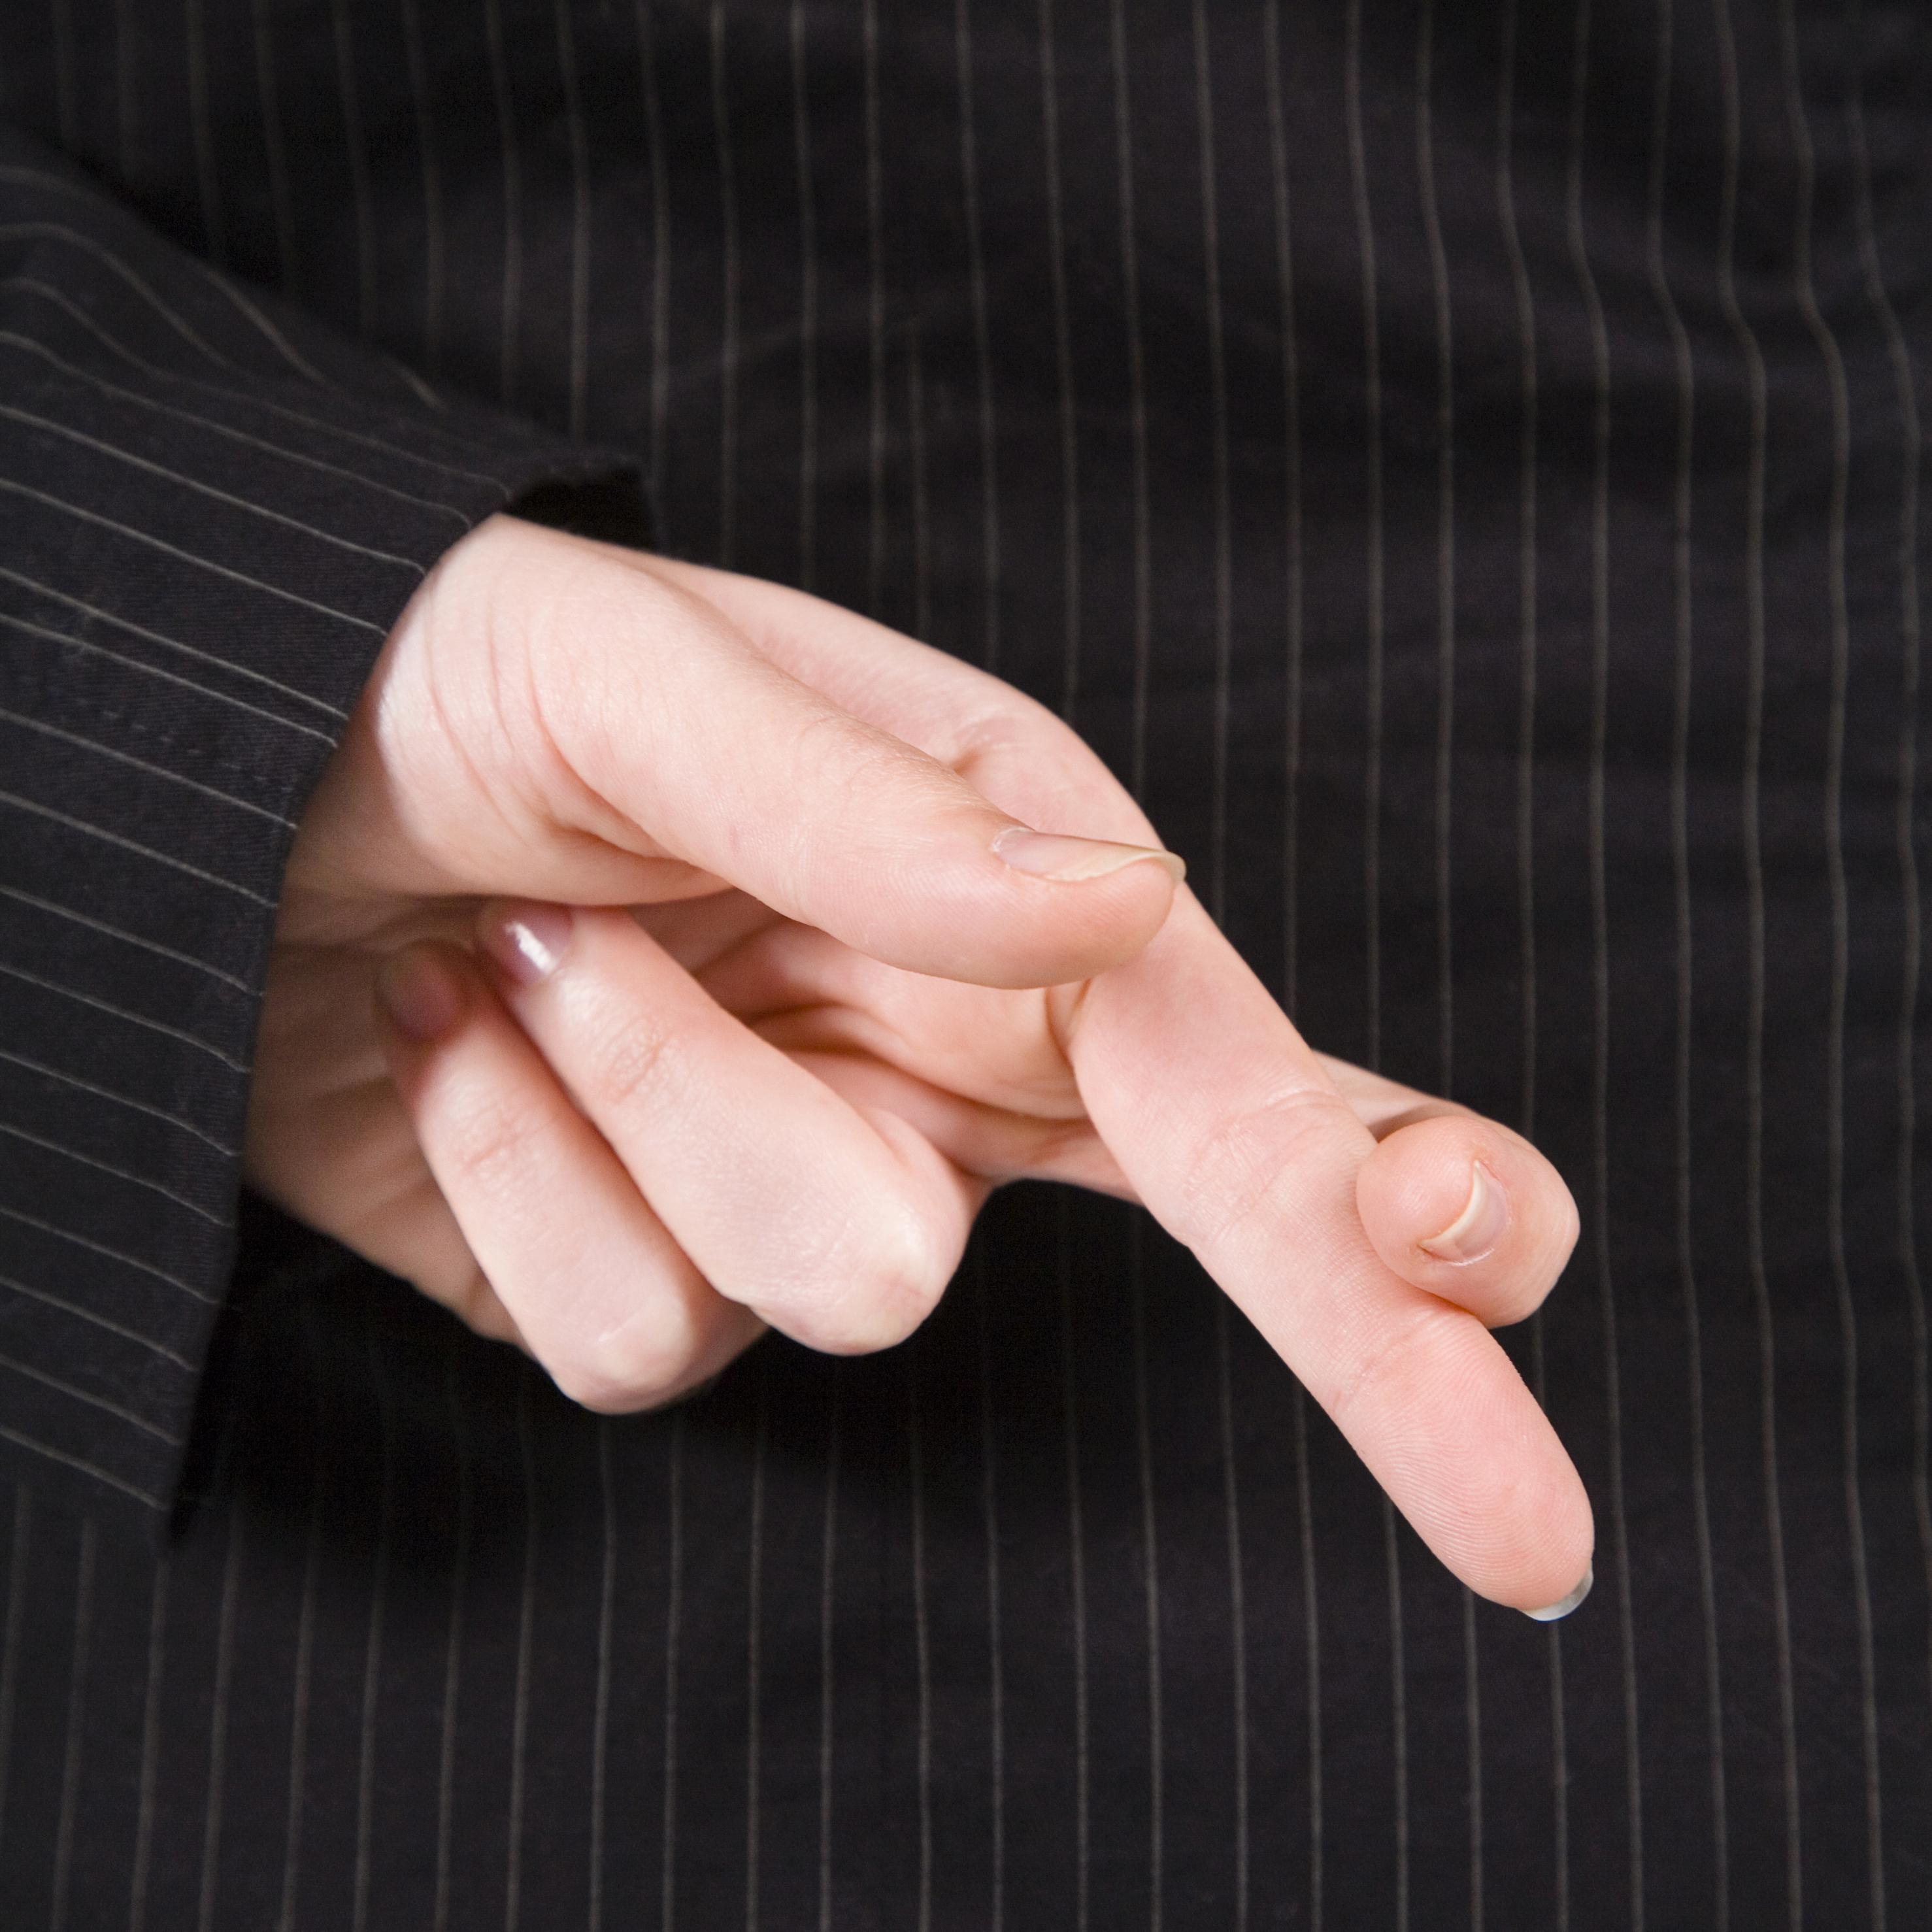 картинка скрестил пальцы